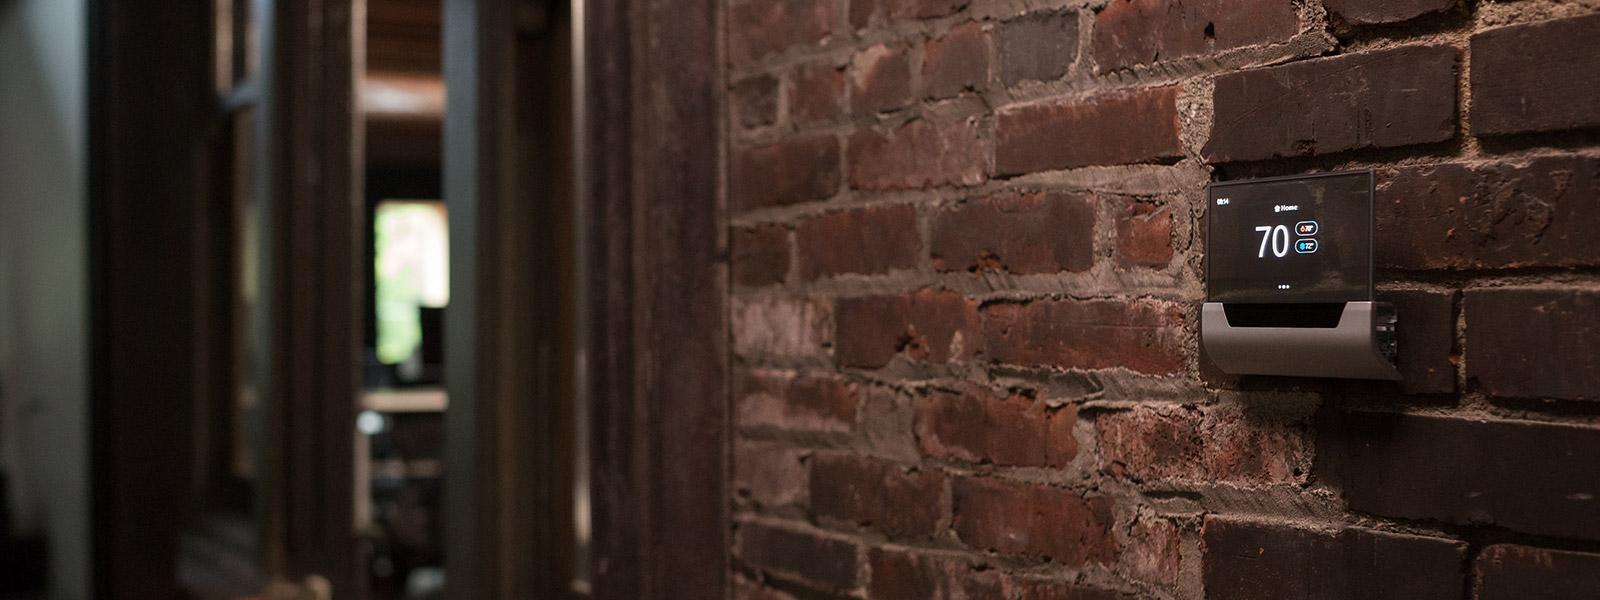 Panneau de contrôle de la température sur un mur de briques